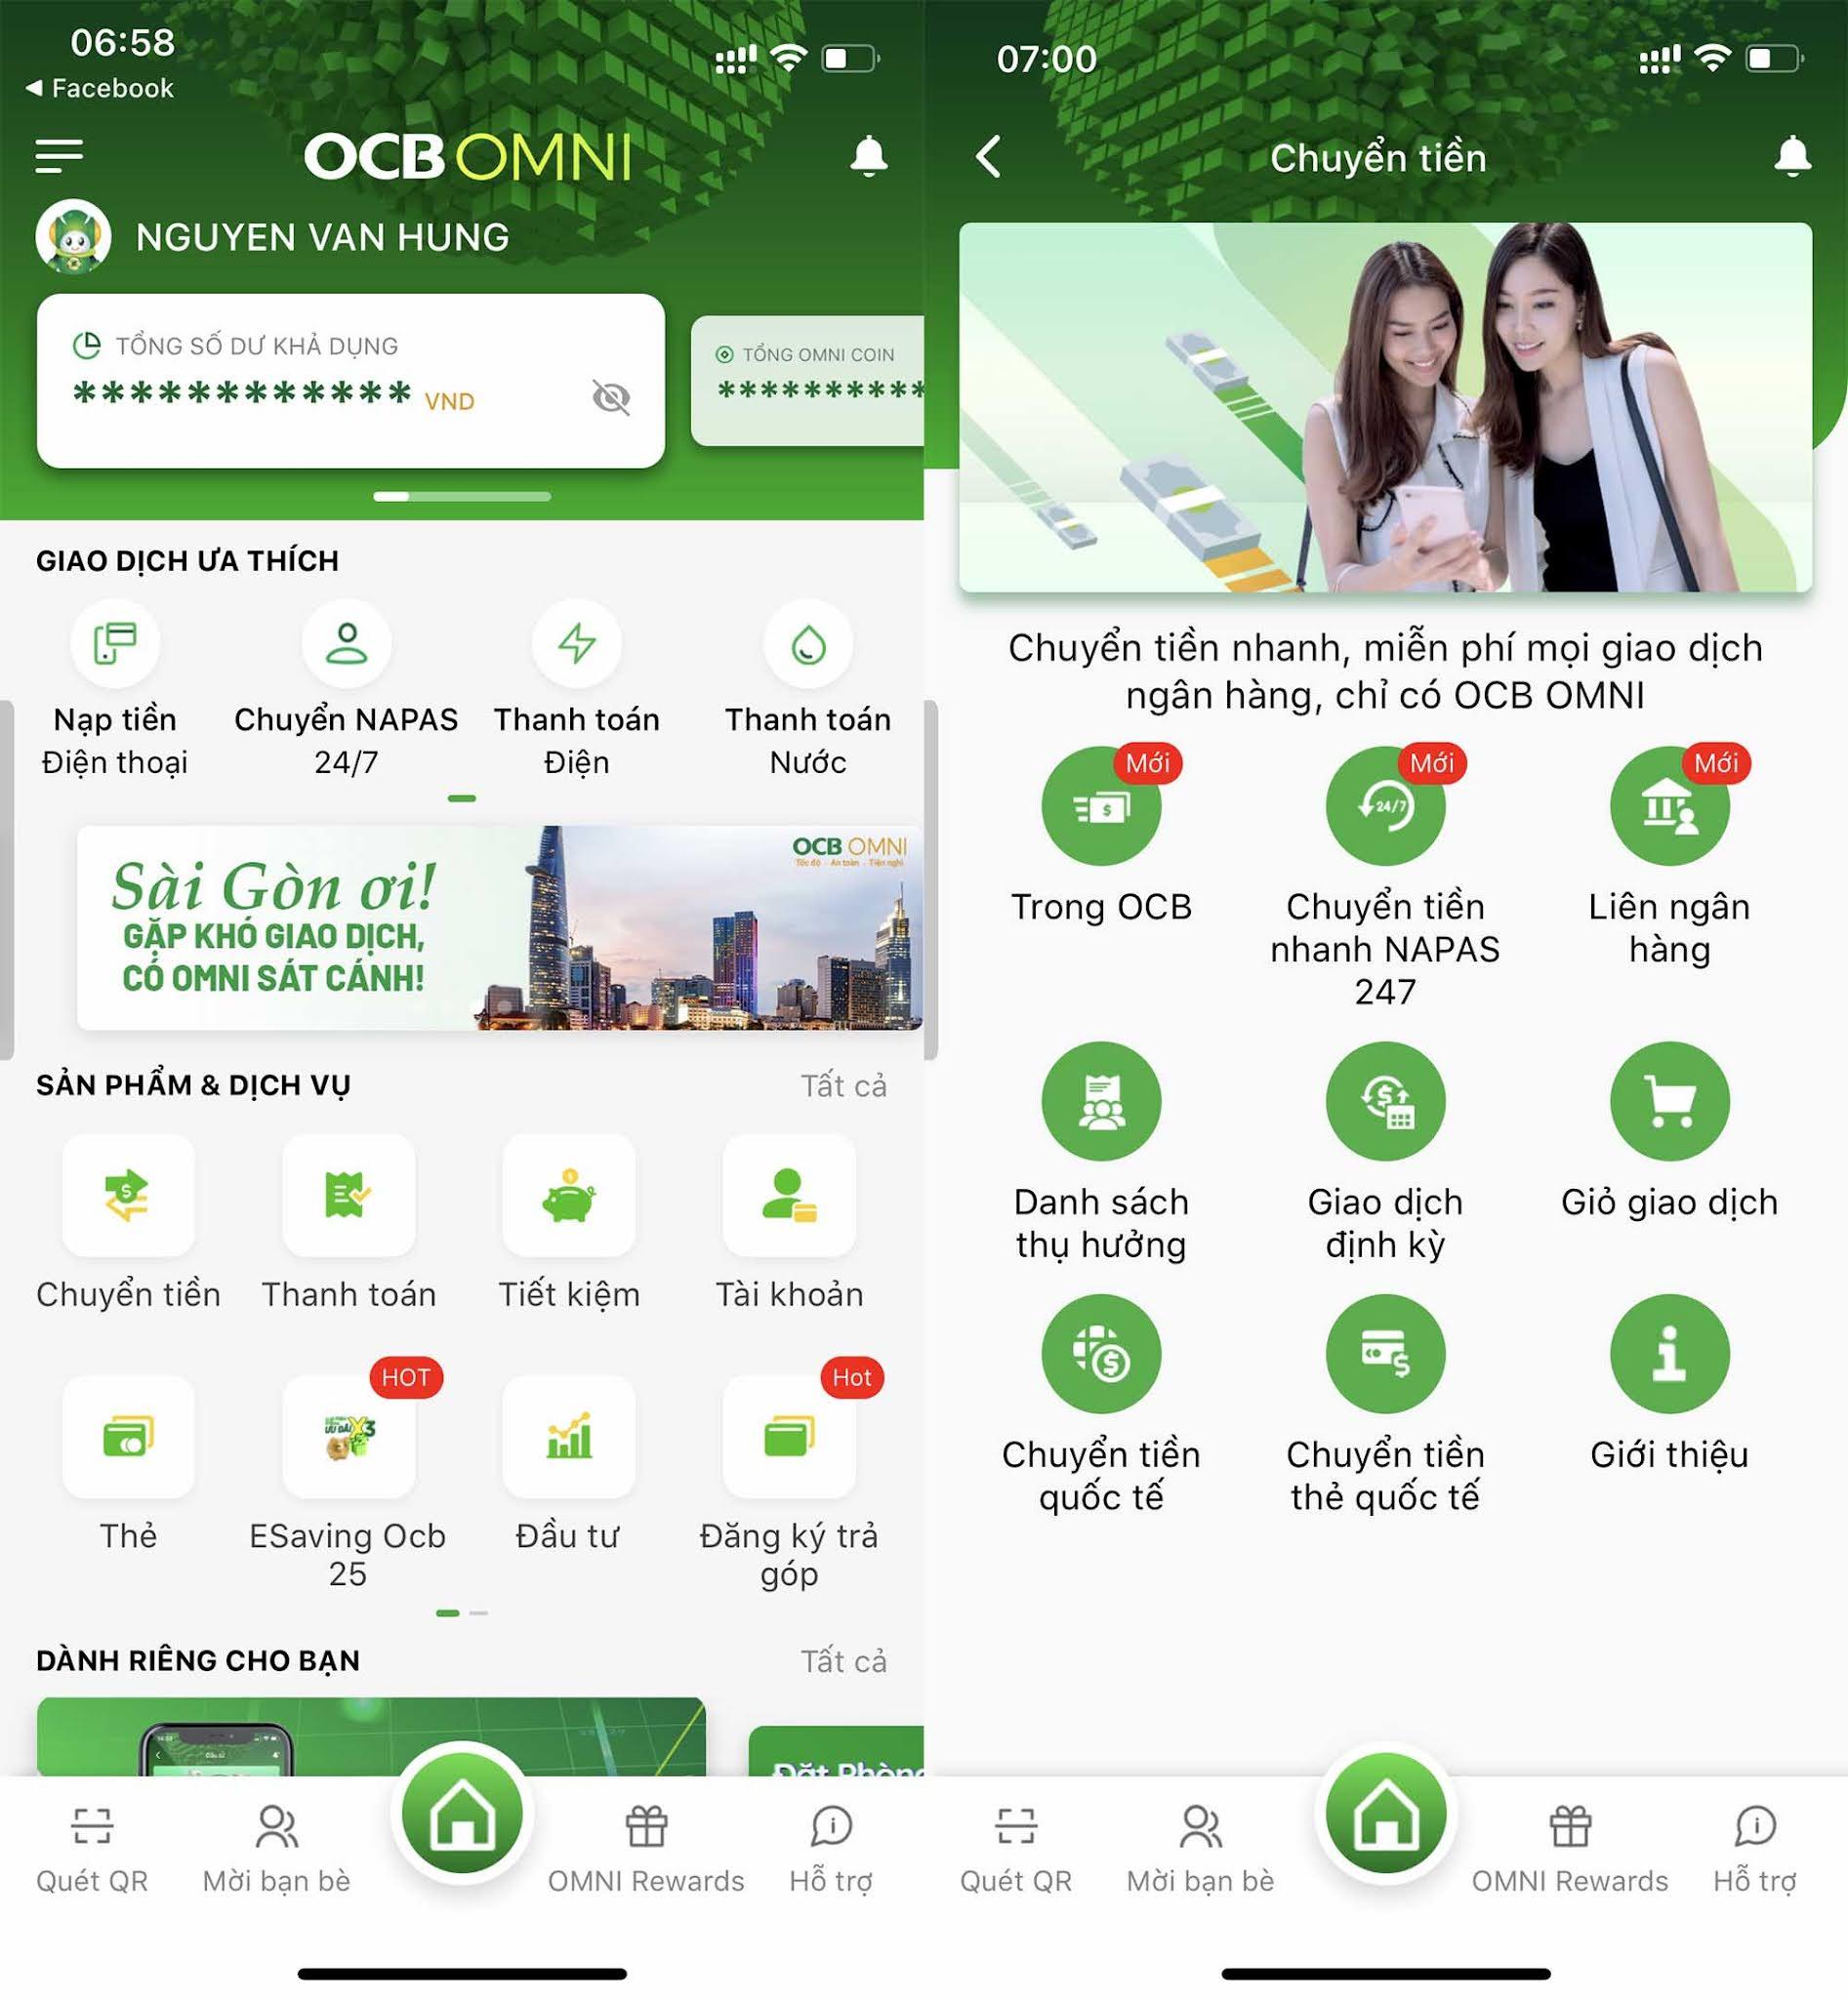 Nhận xét về ngân hàng Phương Đông OCB OMNI